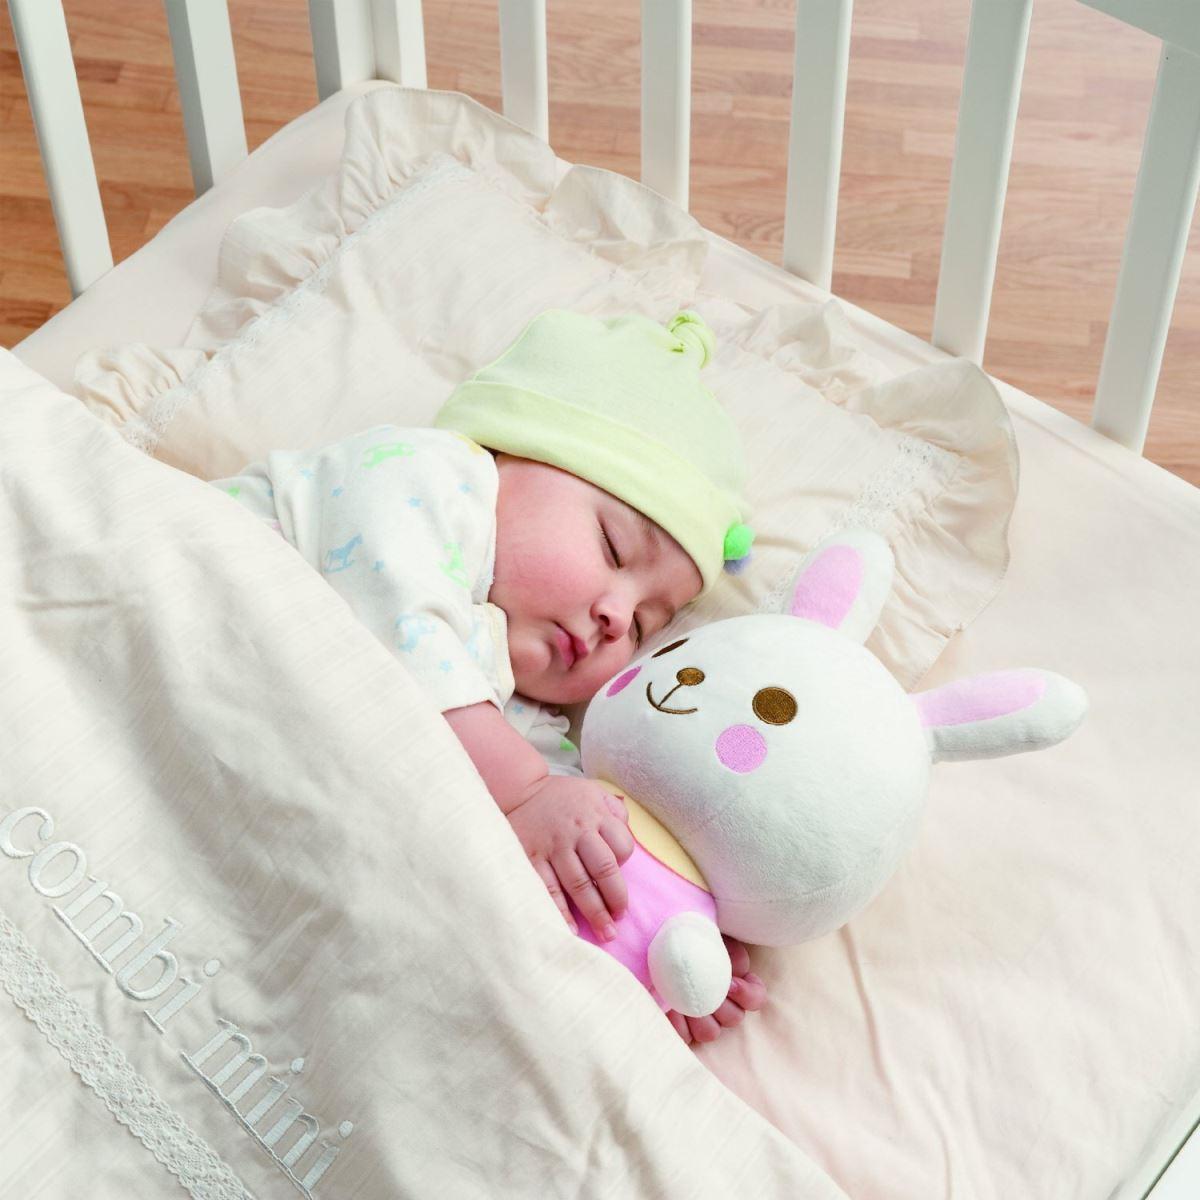 Địa điểm cung cấp nôi em bé giá rẻ tphcm uy tín